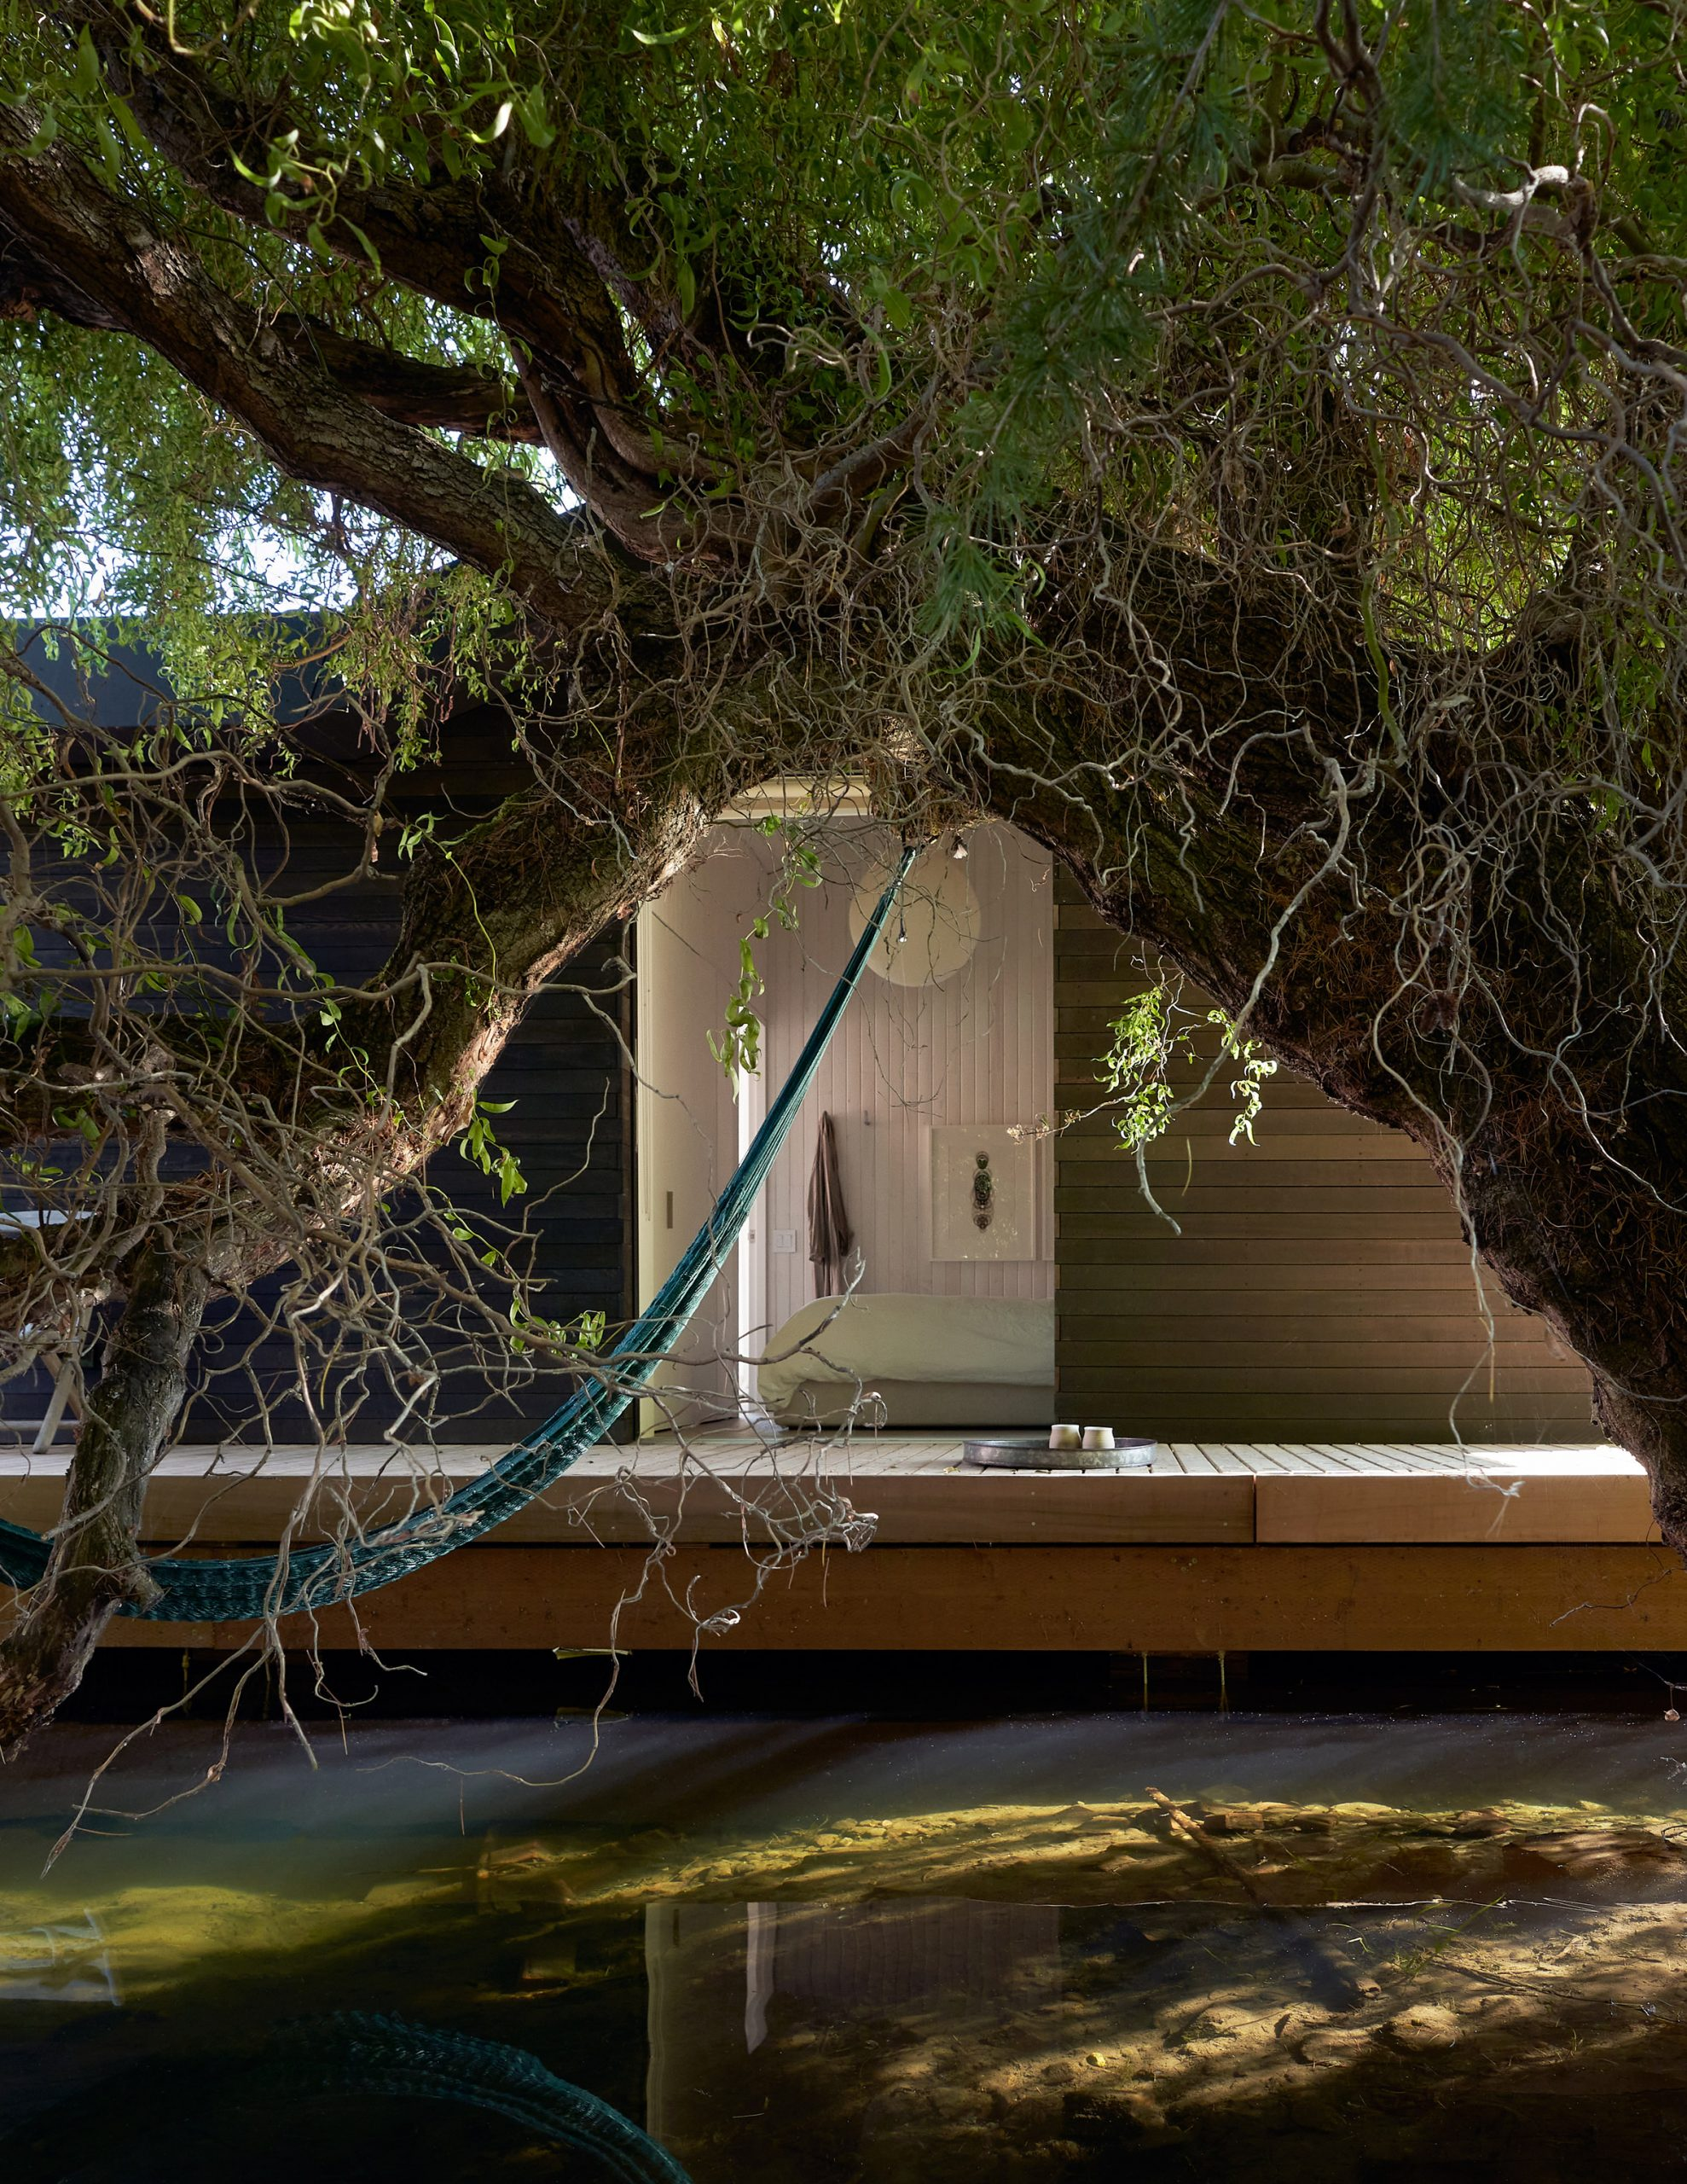 Rodeada de agua y con árboles